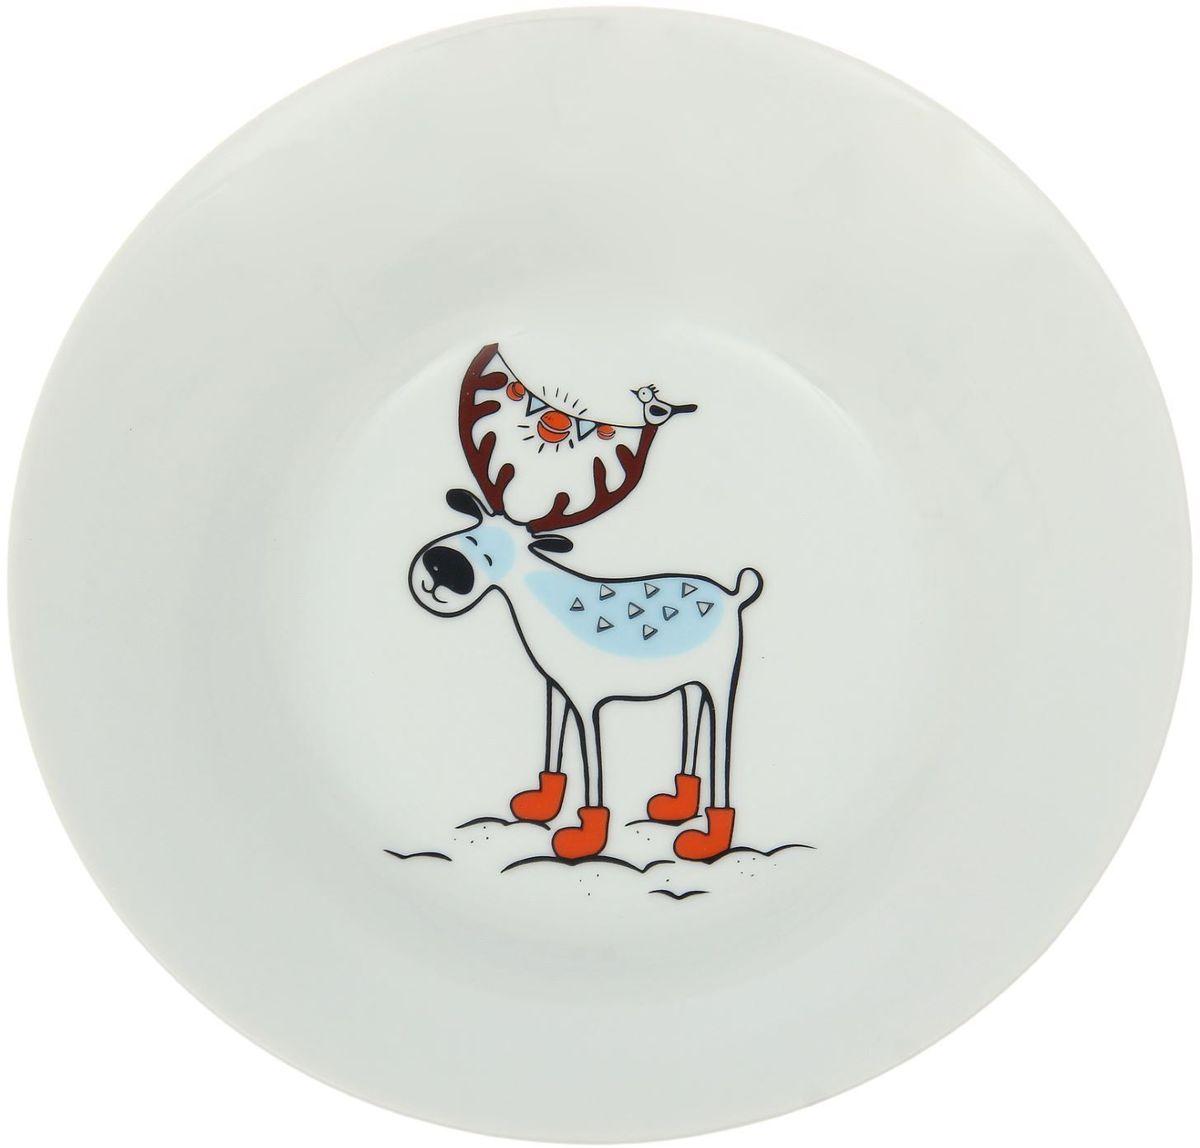 Тарелка глубокая Сотвори чудо Северный олень, диаметр 20 см1863802Хотите обновить интерьер кухни или гостиной? Устраиваете необычную фотосессию или тематический праздник? А может, просто ищете подарок для близкого человека? Посуда « Сотвори Чудо» — правильный выбор в любой ситуации. Её достоинства: изящный фаянс нежного сливочного цвета; стойкость краски; пригодность для посудомоечных машин.